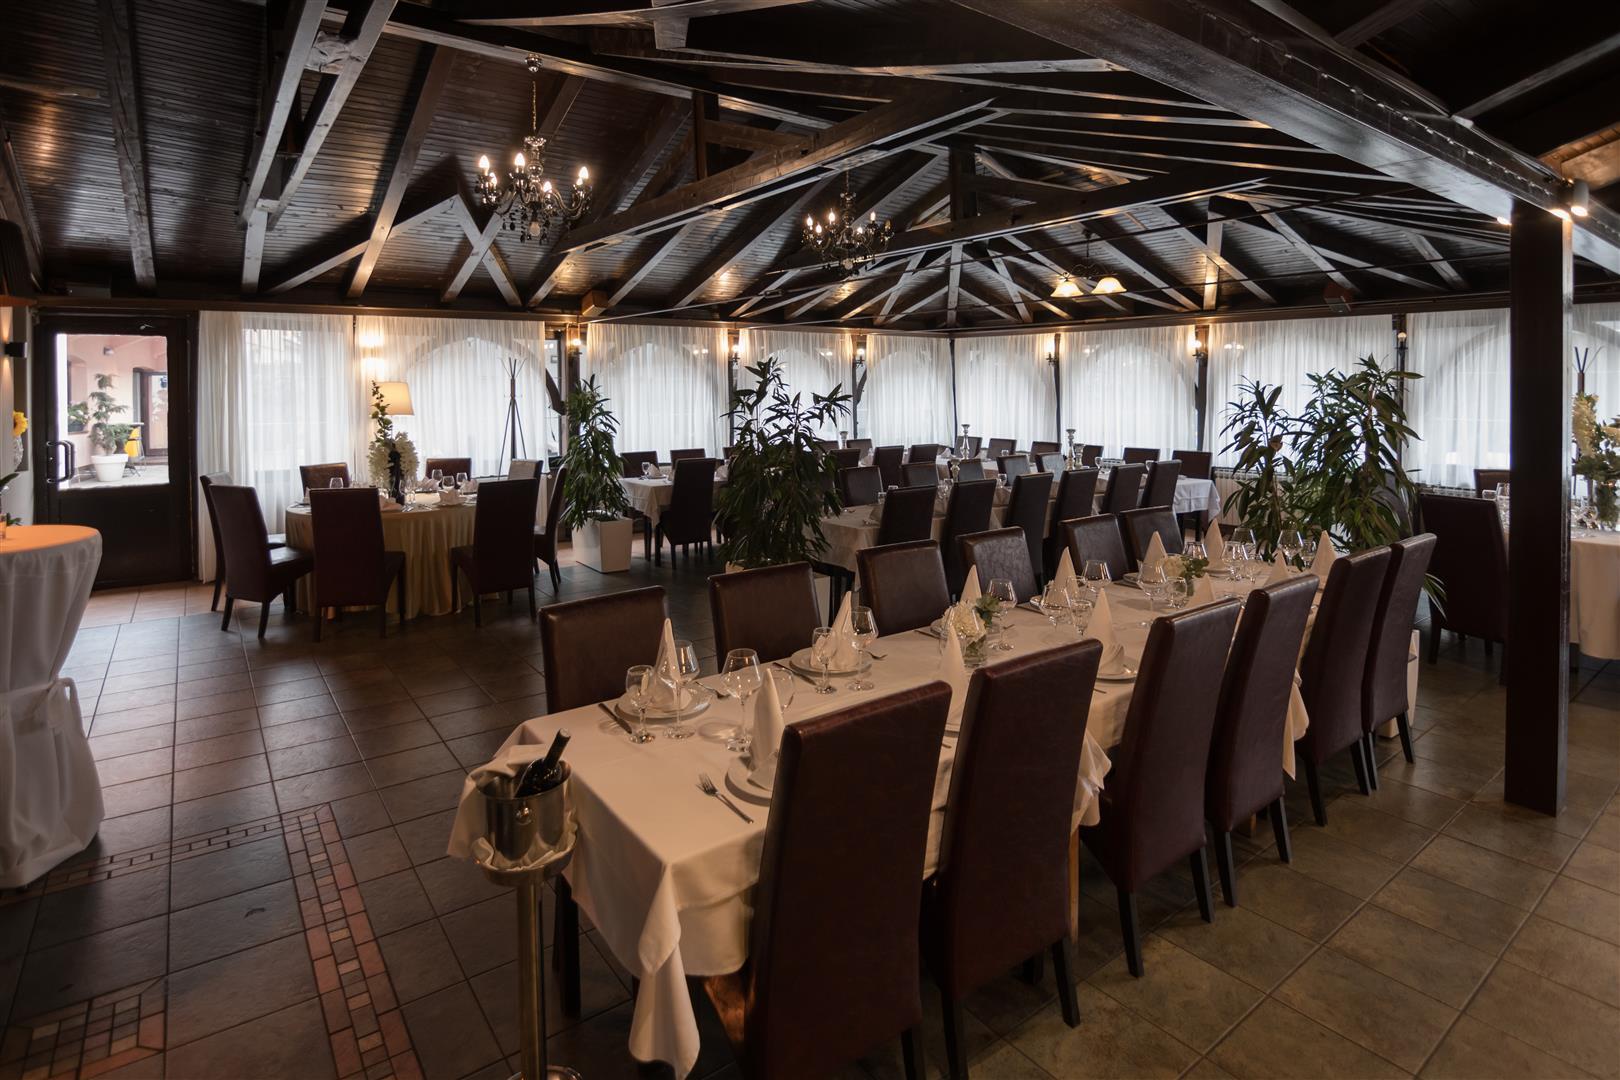 Mali raj - Restoran 19